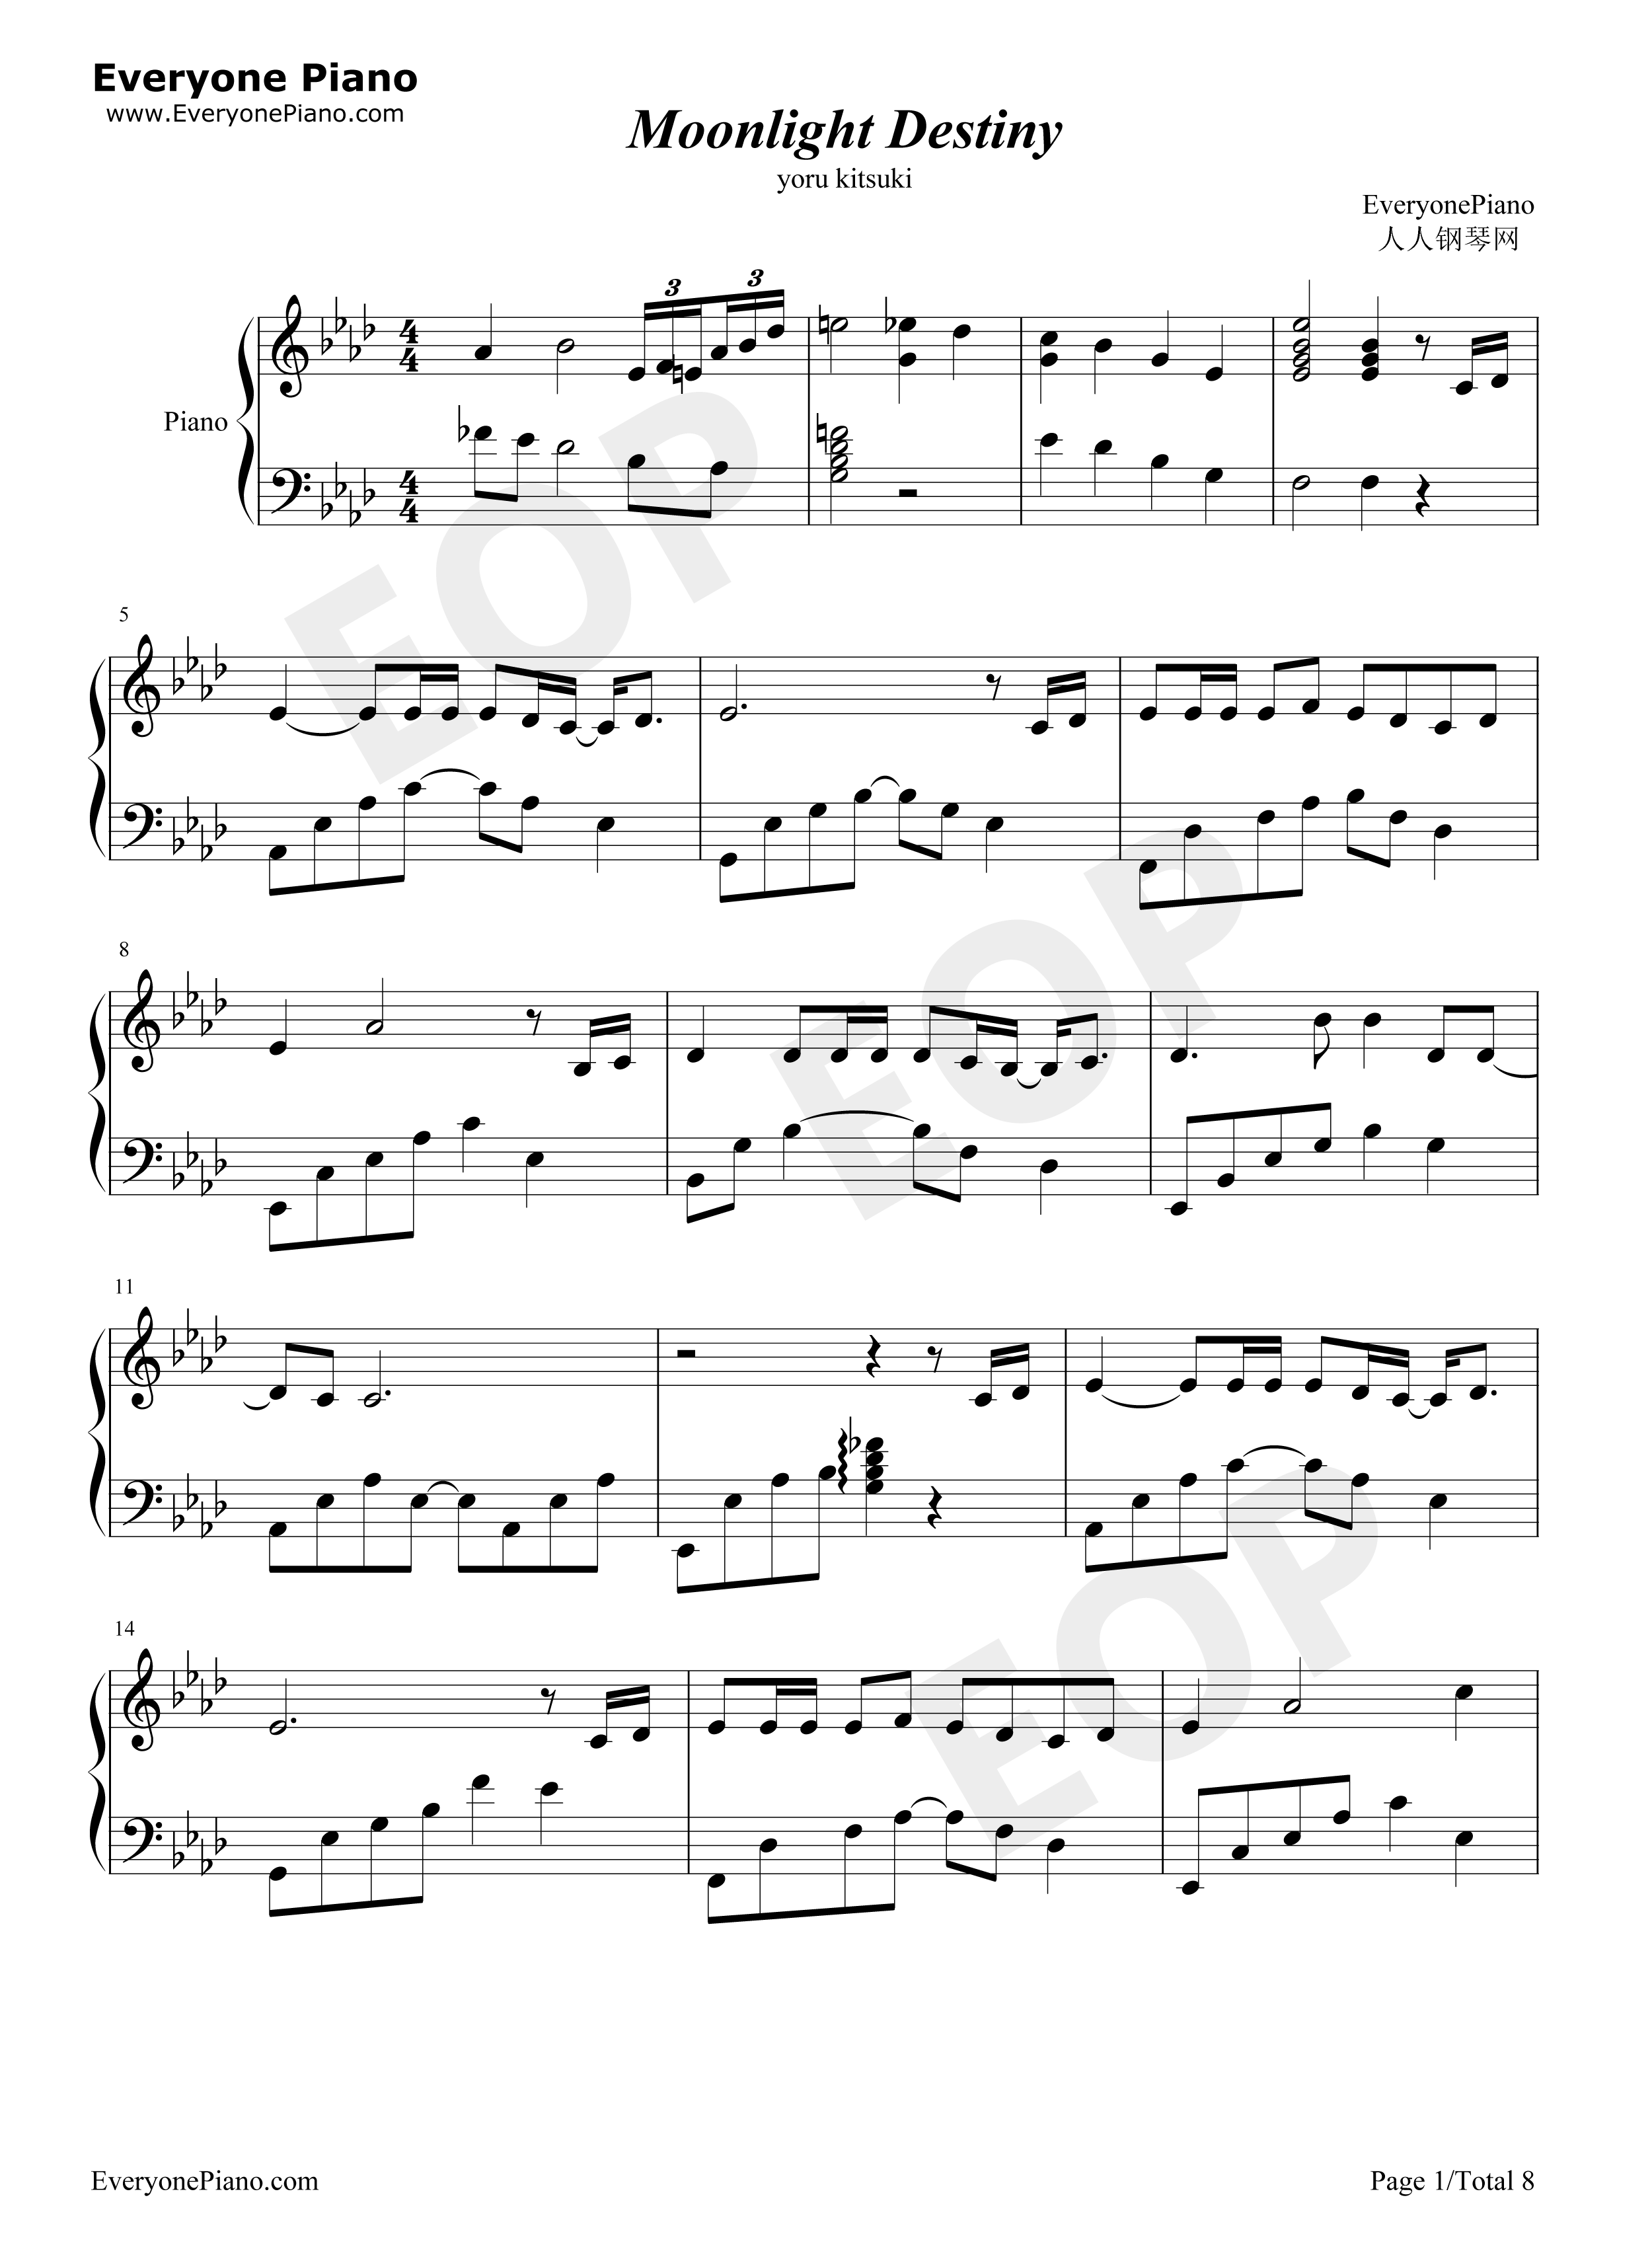 钢琴曲谱 动漫 moonlight destiny-月光下的命运-偶像活动 ost